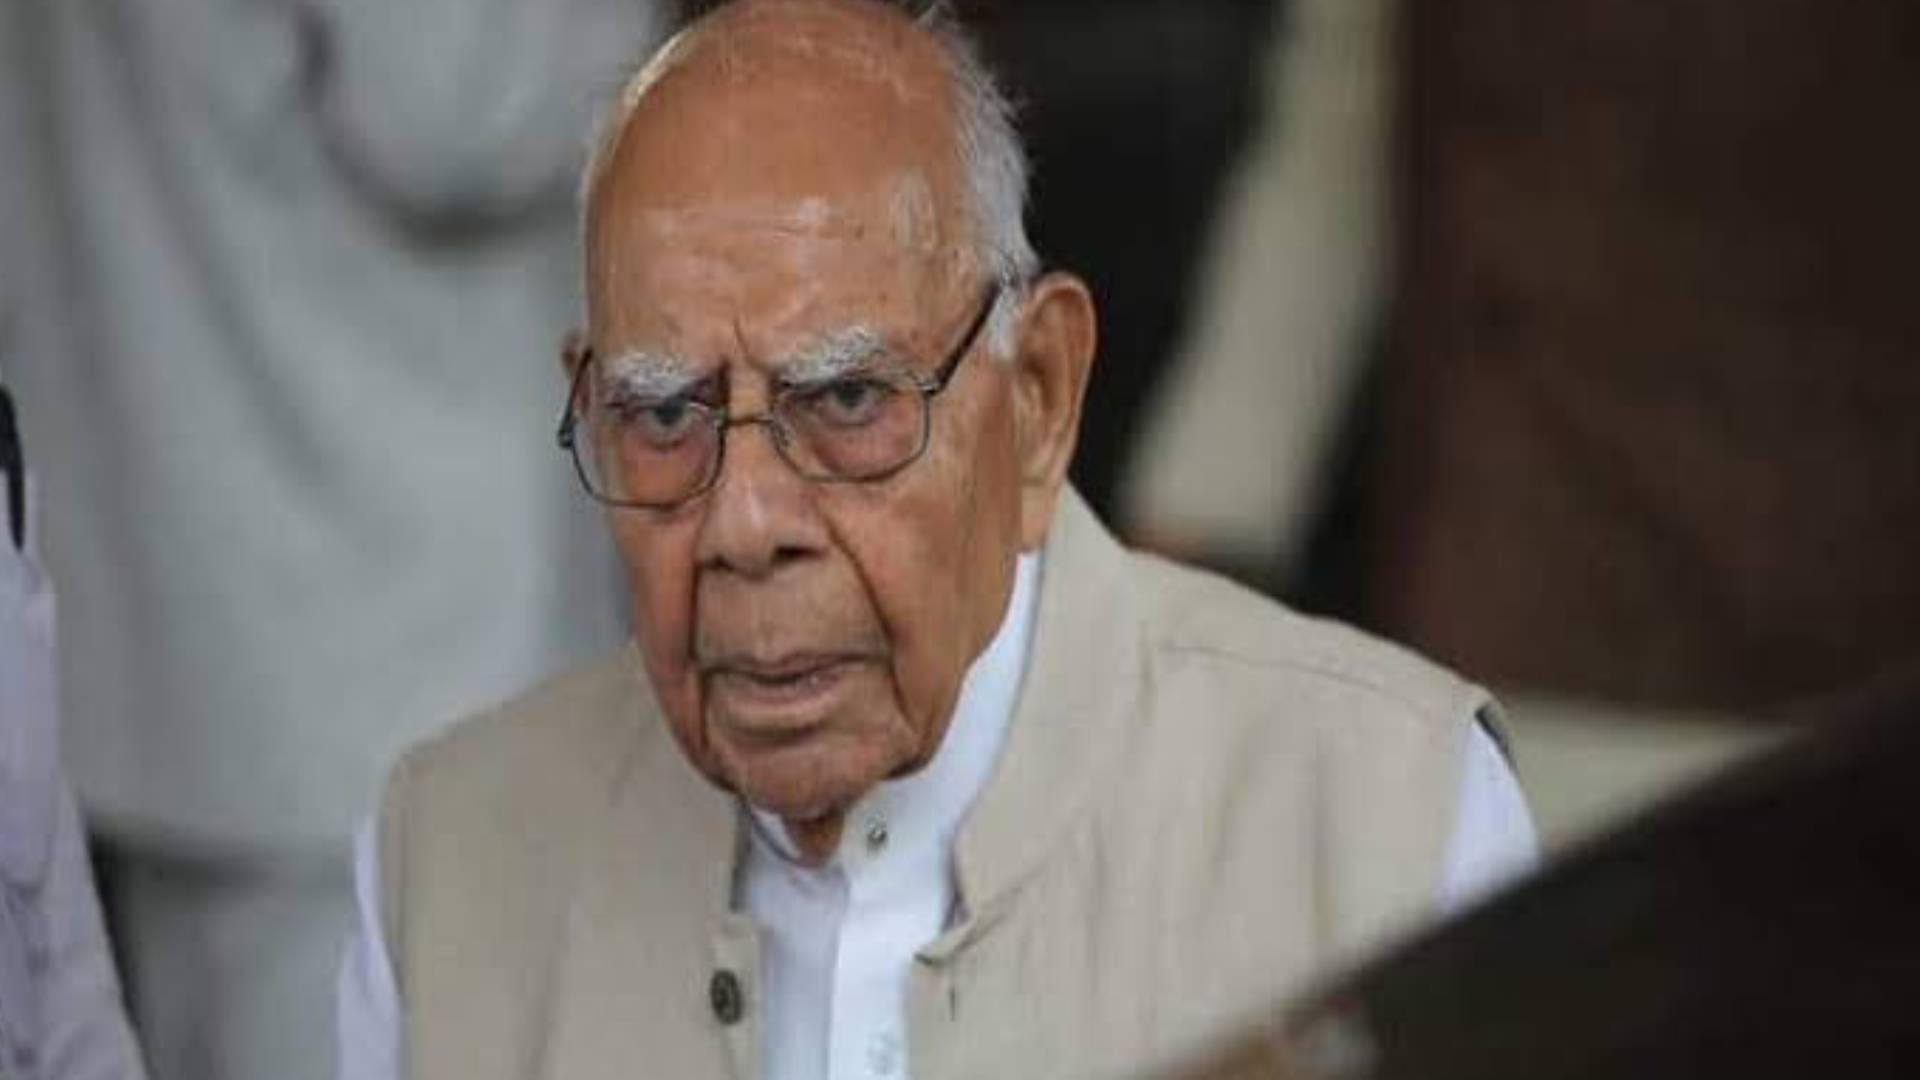 मशहूर वकील राम जेठमलानी का 95 साल की उम्र में निधन, पीएम नरेंद्र मोदी ने जताया शोक